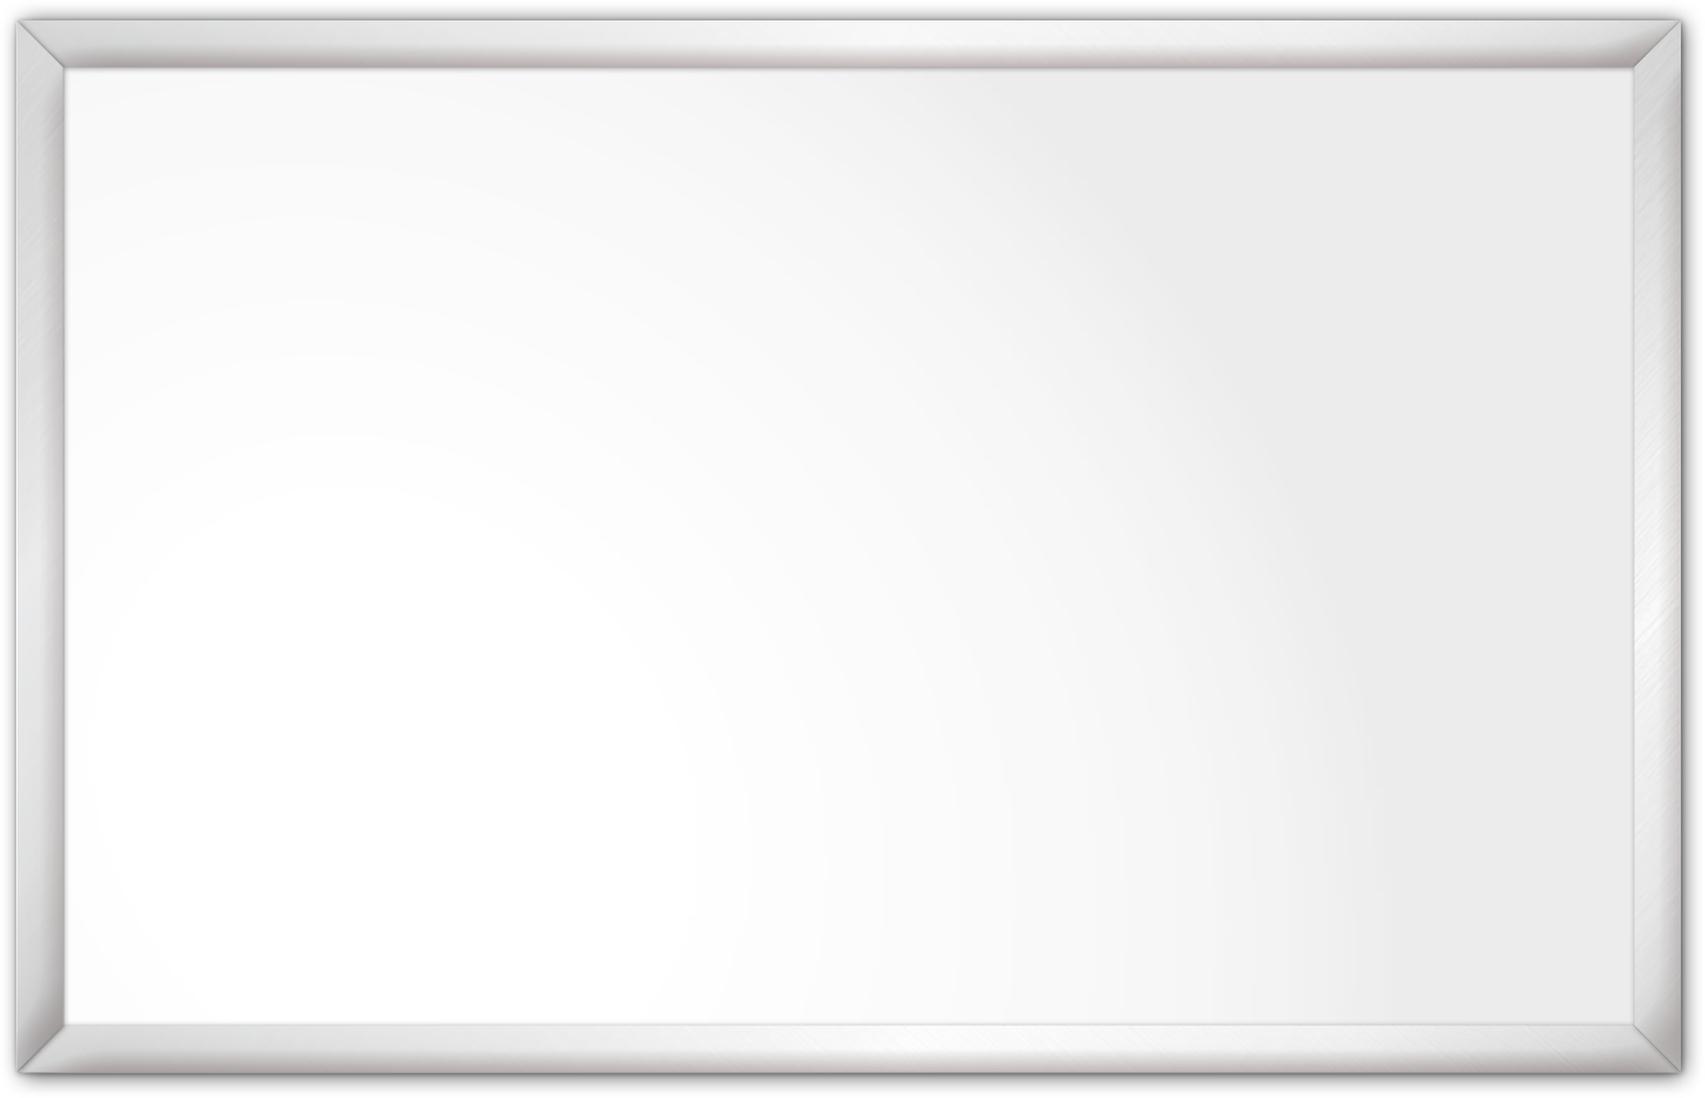 comfortSoft1500 ir. verw.paneel, 750W, 1250 x 790 mm, lelie wit, lijst mat zilver, softline